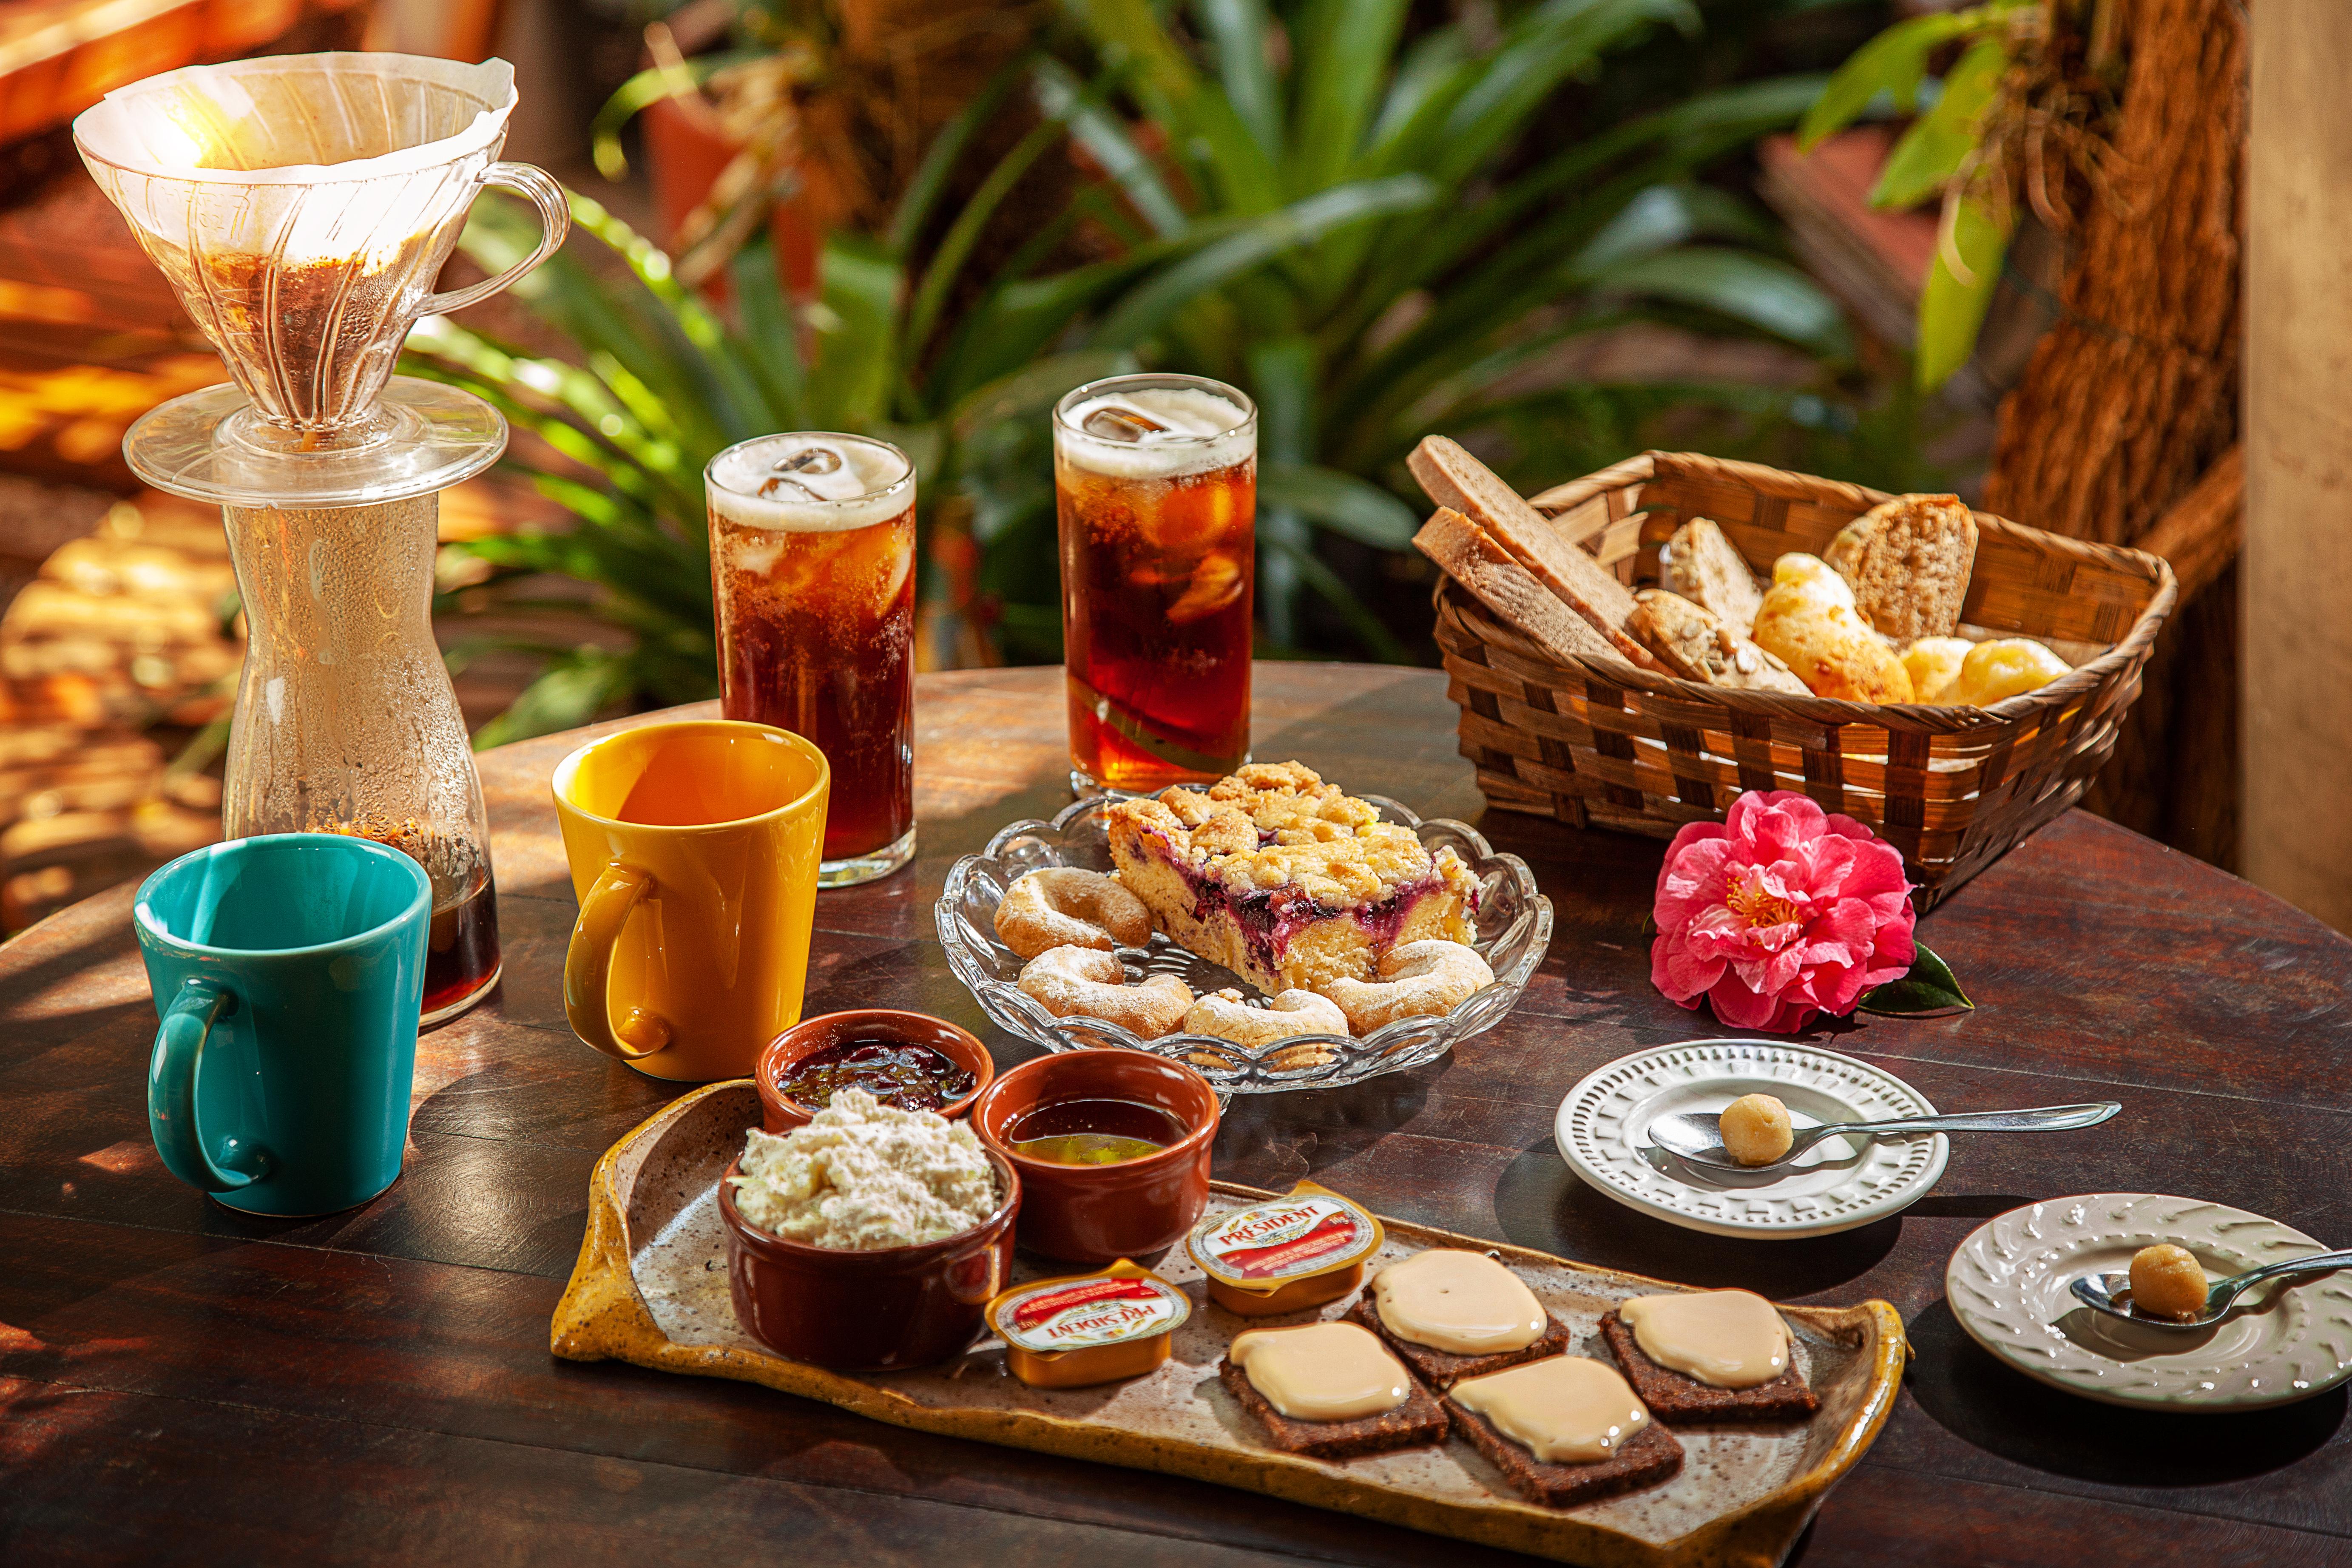 Itens de café da manhã dispostos sobre mesa de madeira.